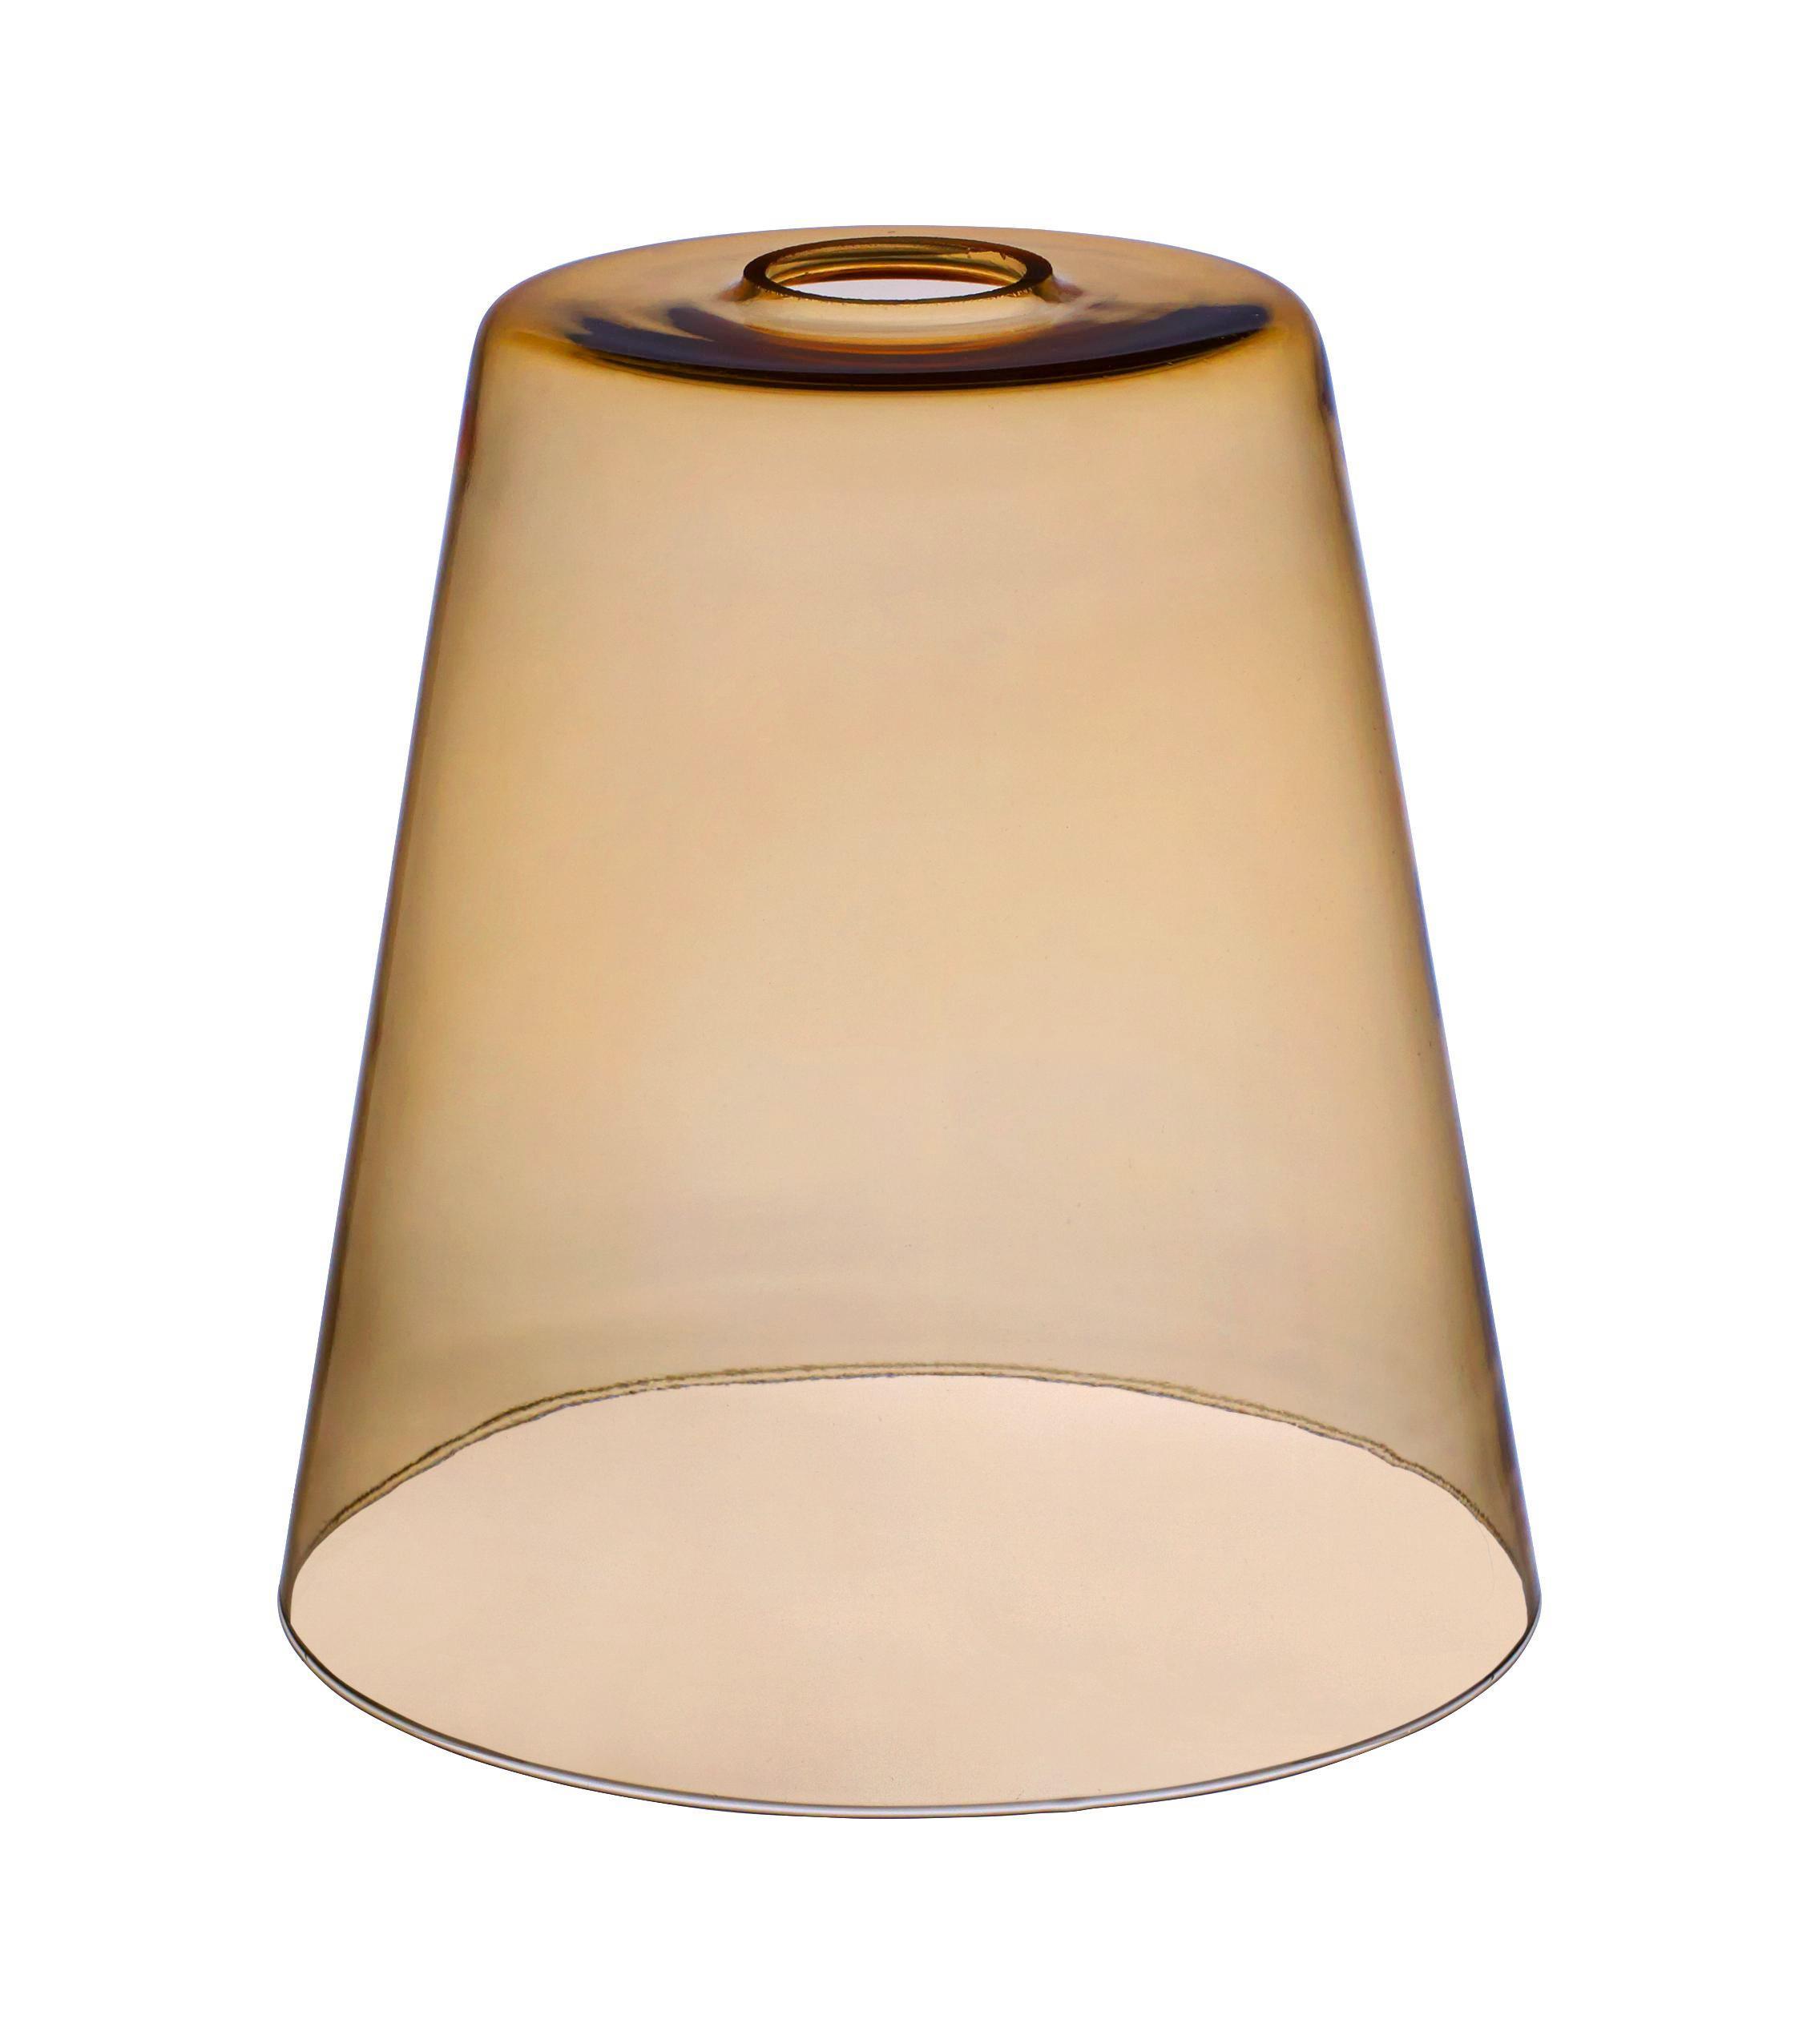 Leuchtenschirm Cora aus Glas in Beige - Bernsteinfarben, Glas (22/24cm) - MÖMAX modern living